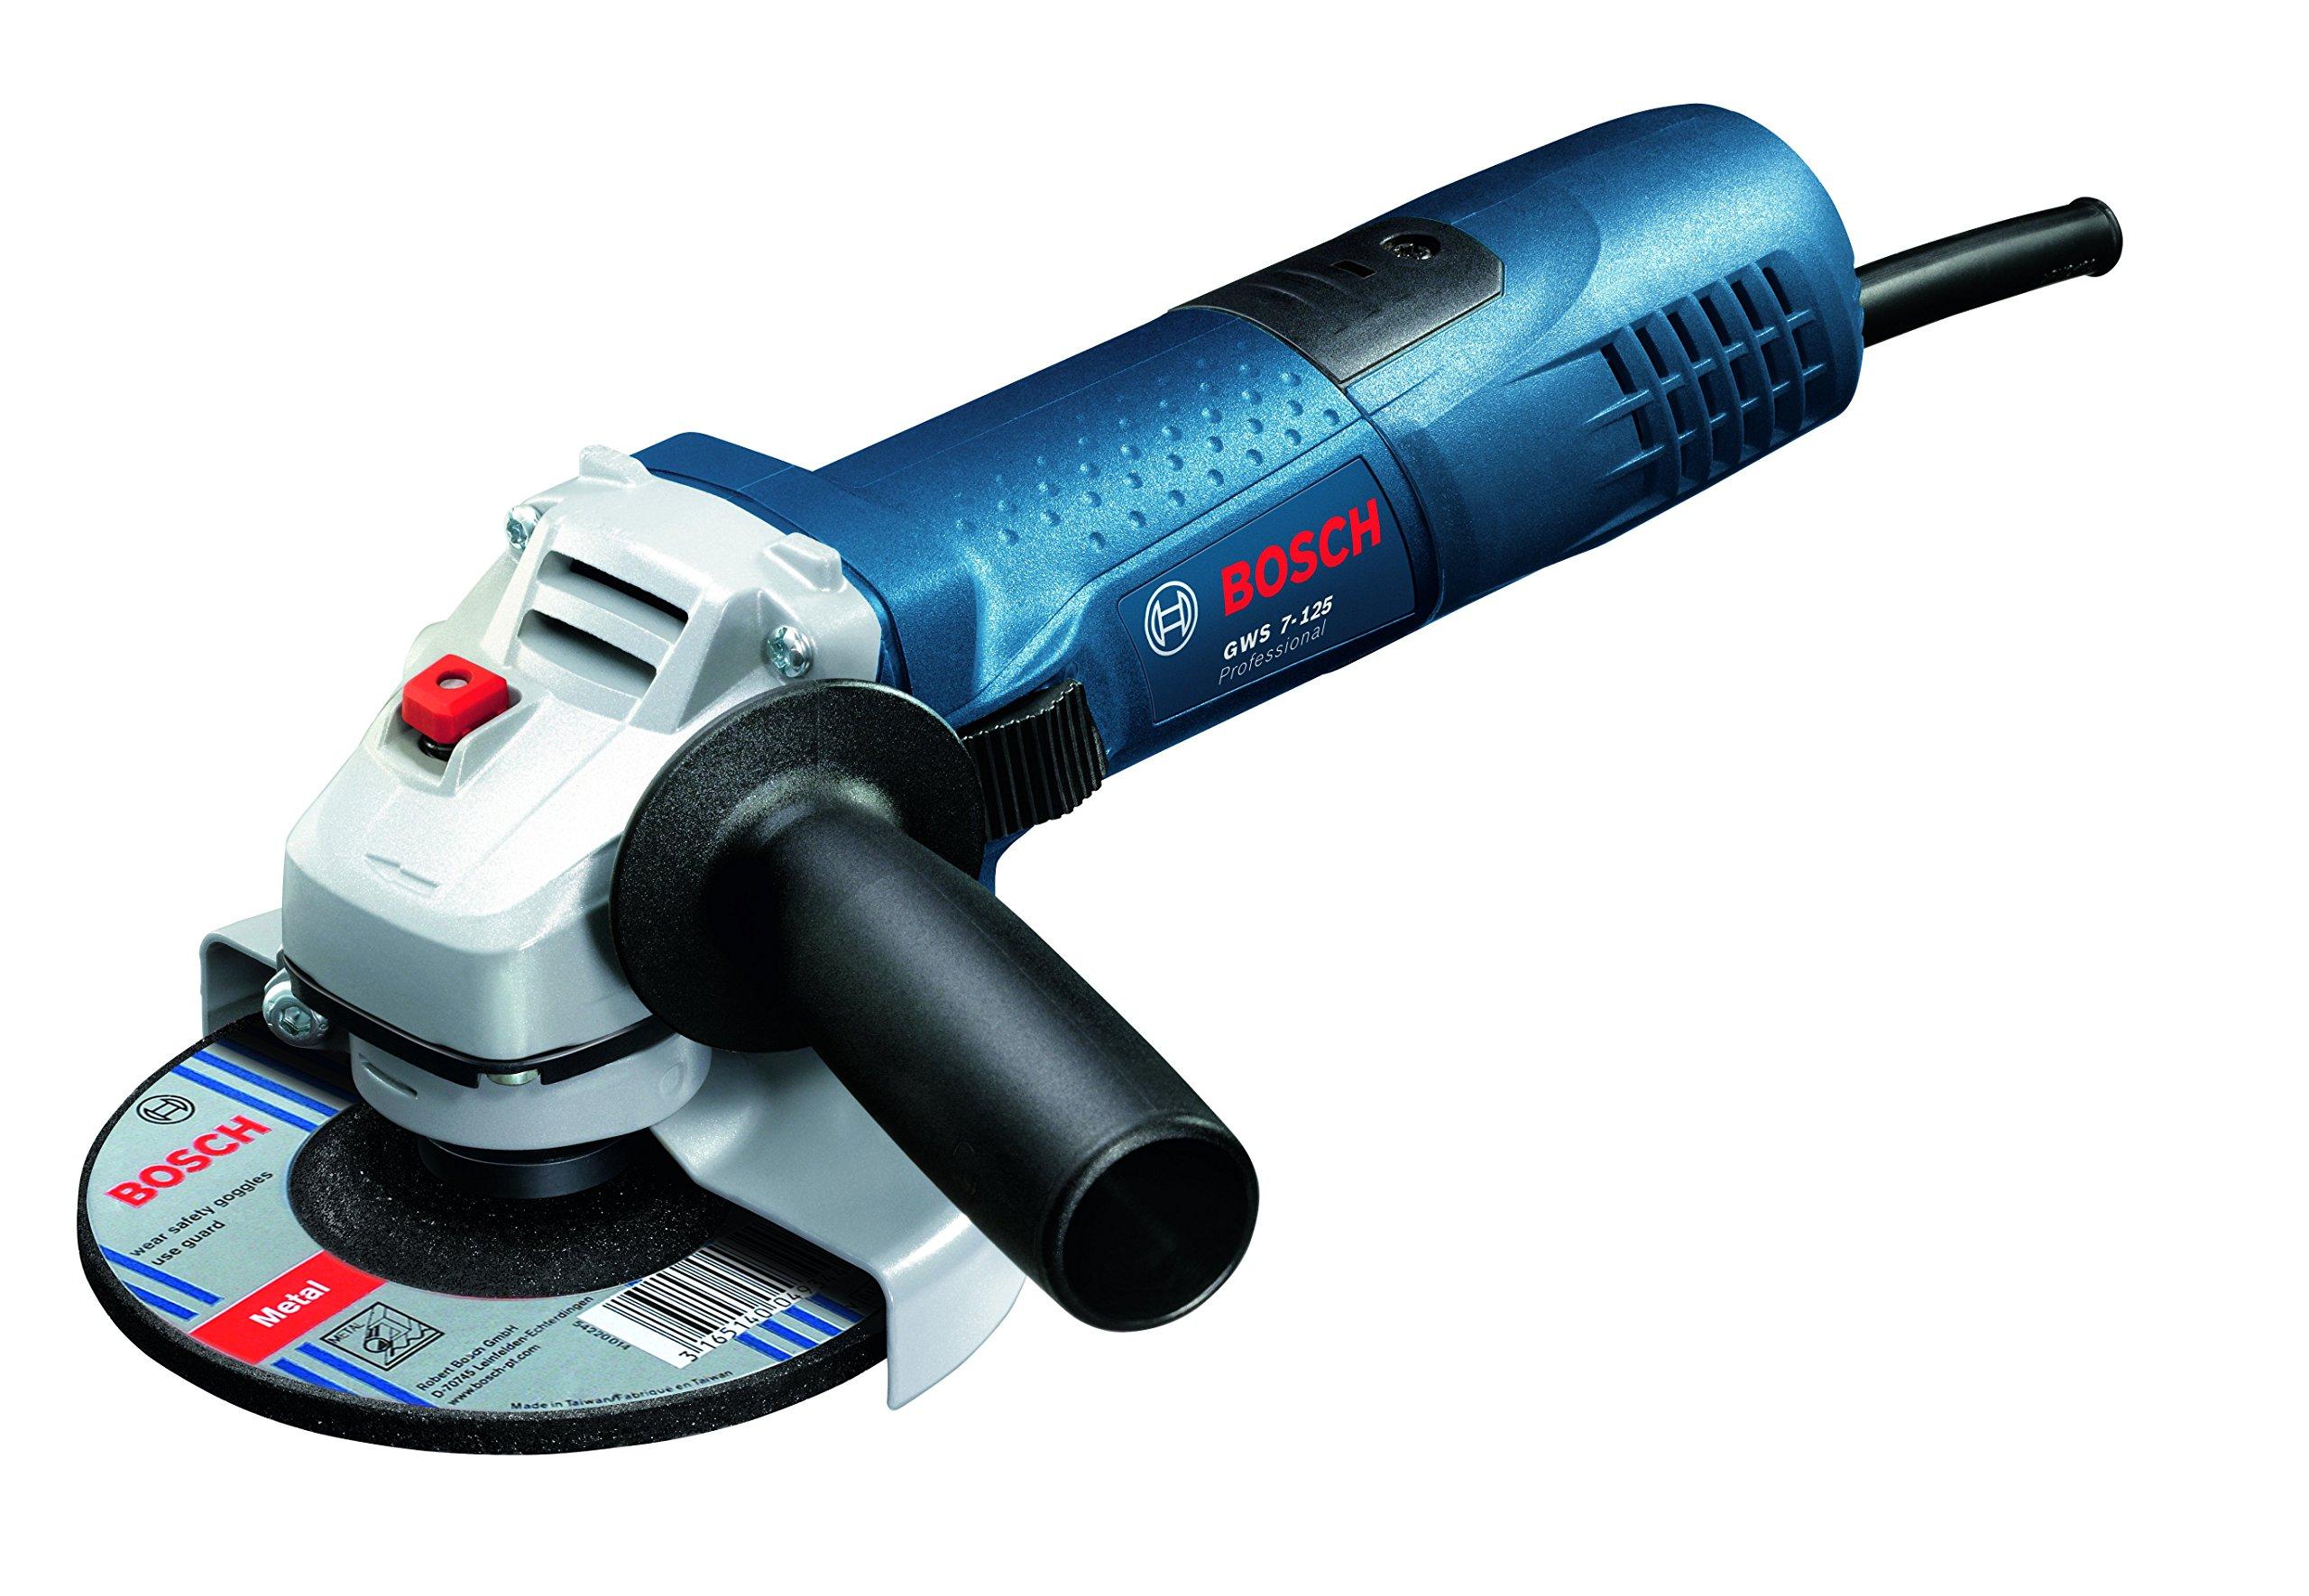 Bosch Professional GWS 7-125 - Amoladora angular, diámetro de disco 125 mm, en caja de cartón, 720 W, 240 V